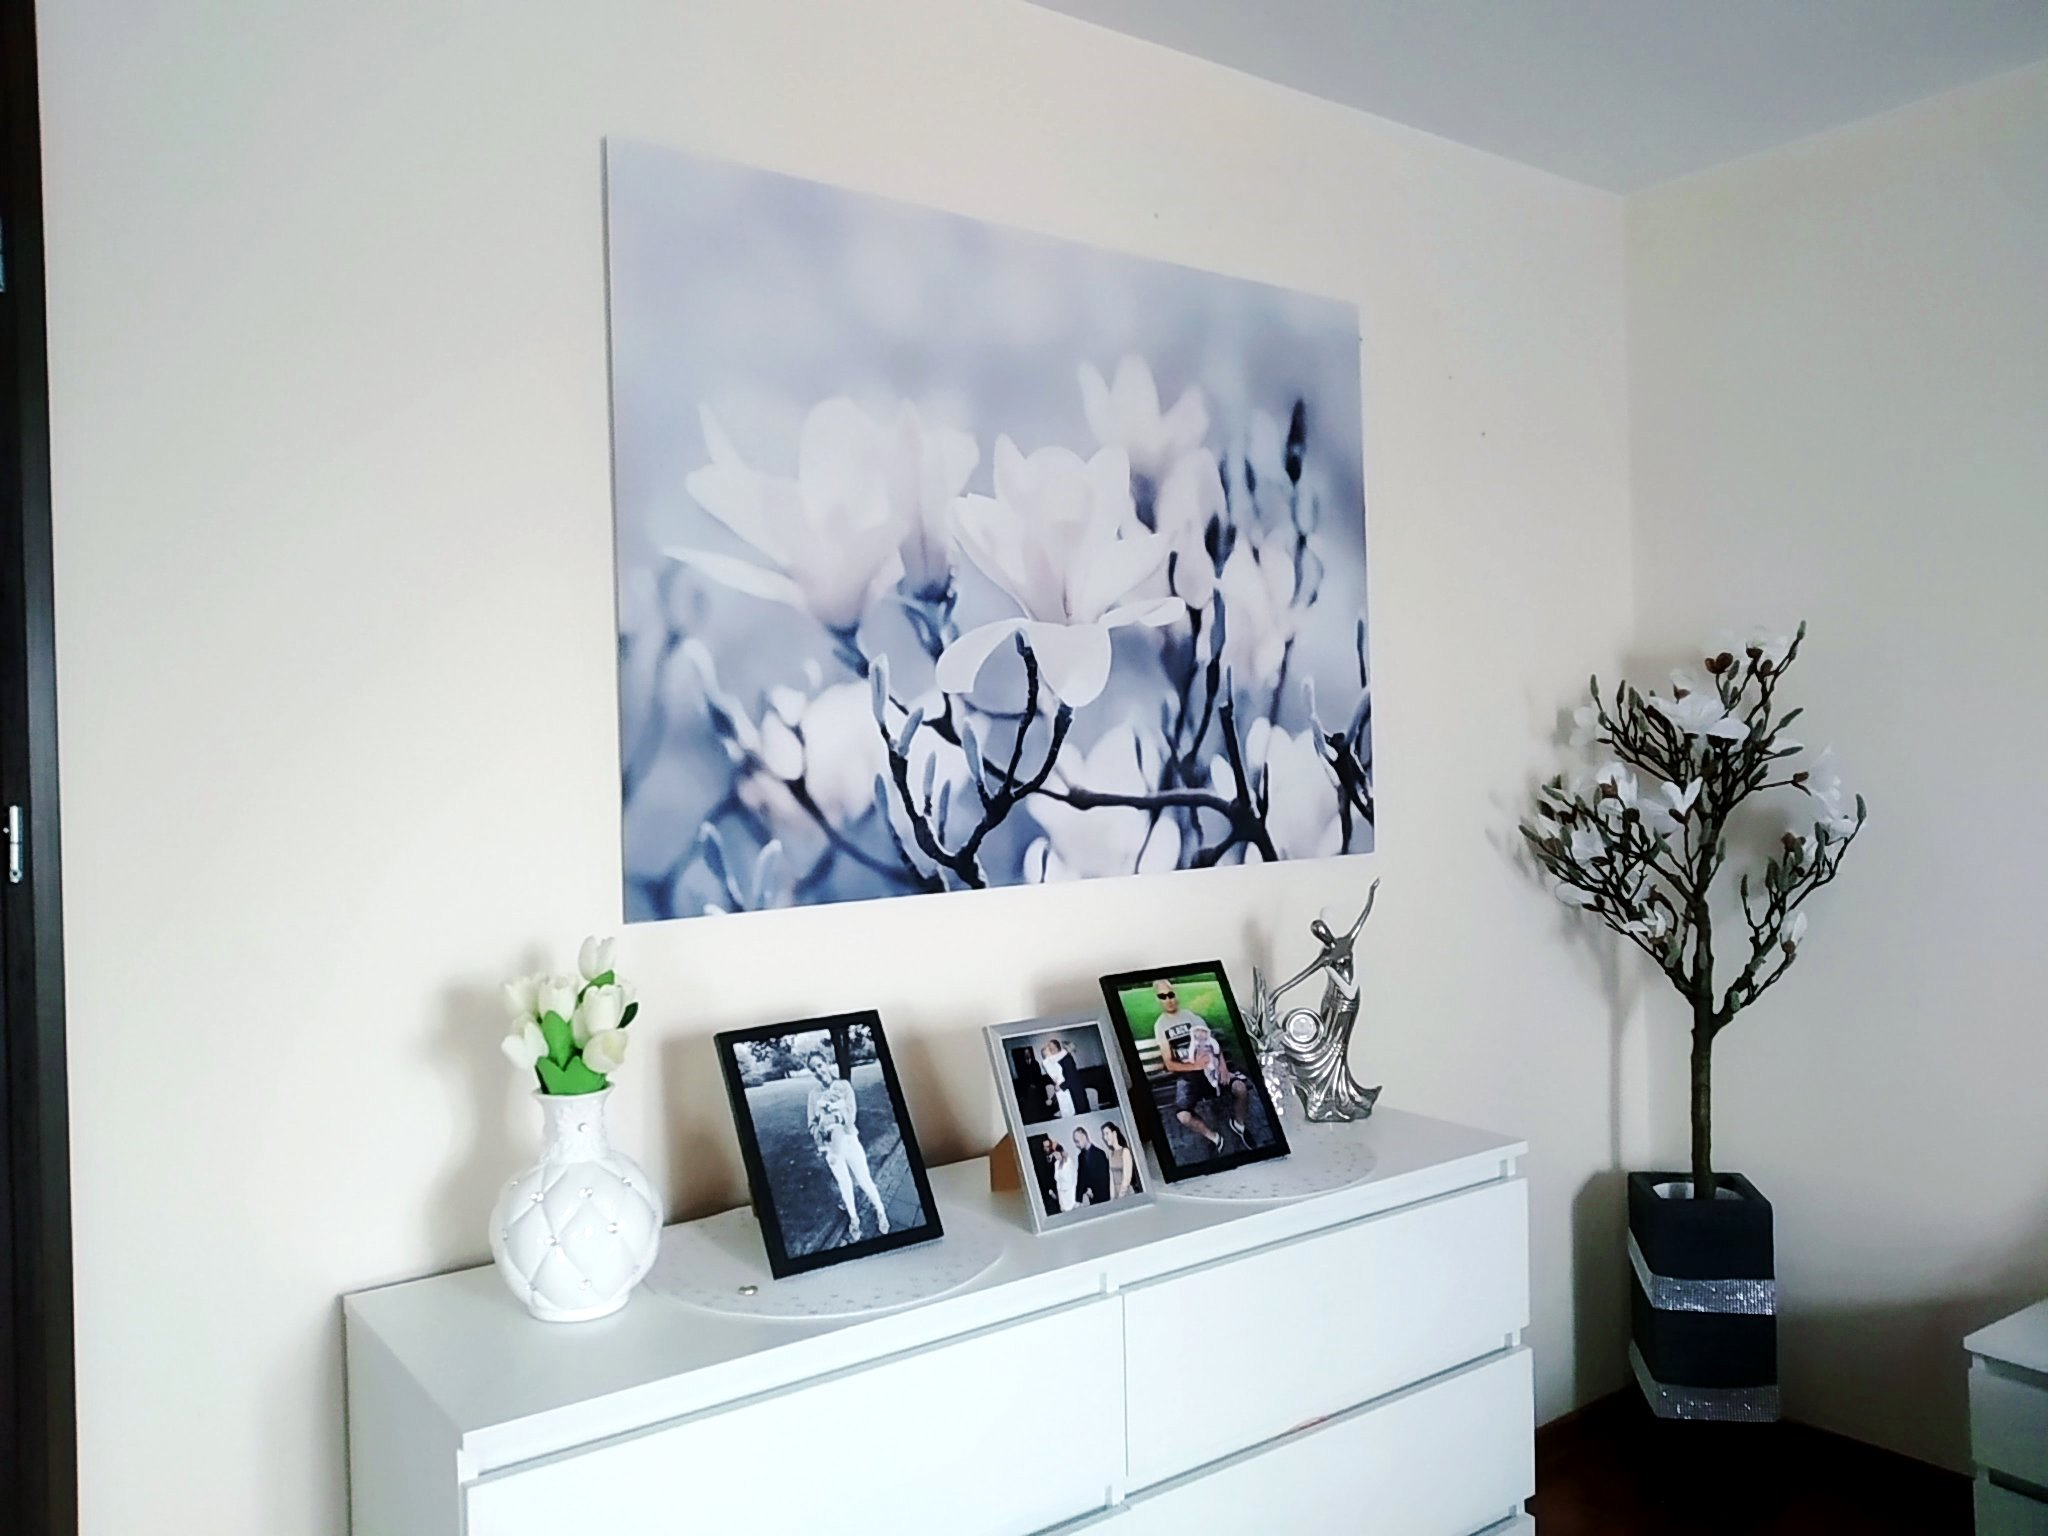 Jej Wysokość Magnolia ze sklepu www.posterlounge.pl ... i w naszym domu czuć już wiosnę!  + kod rabatowy